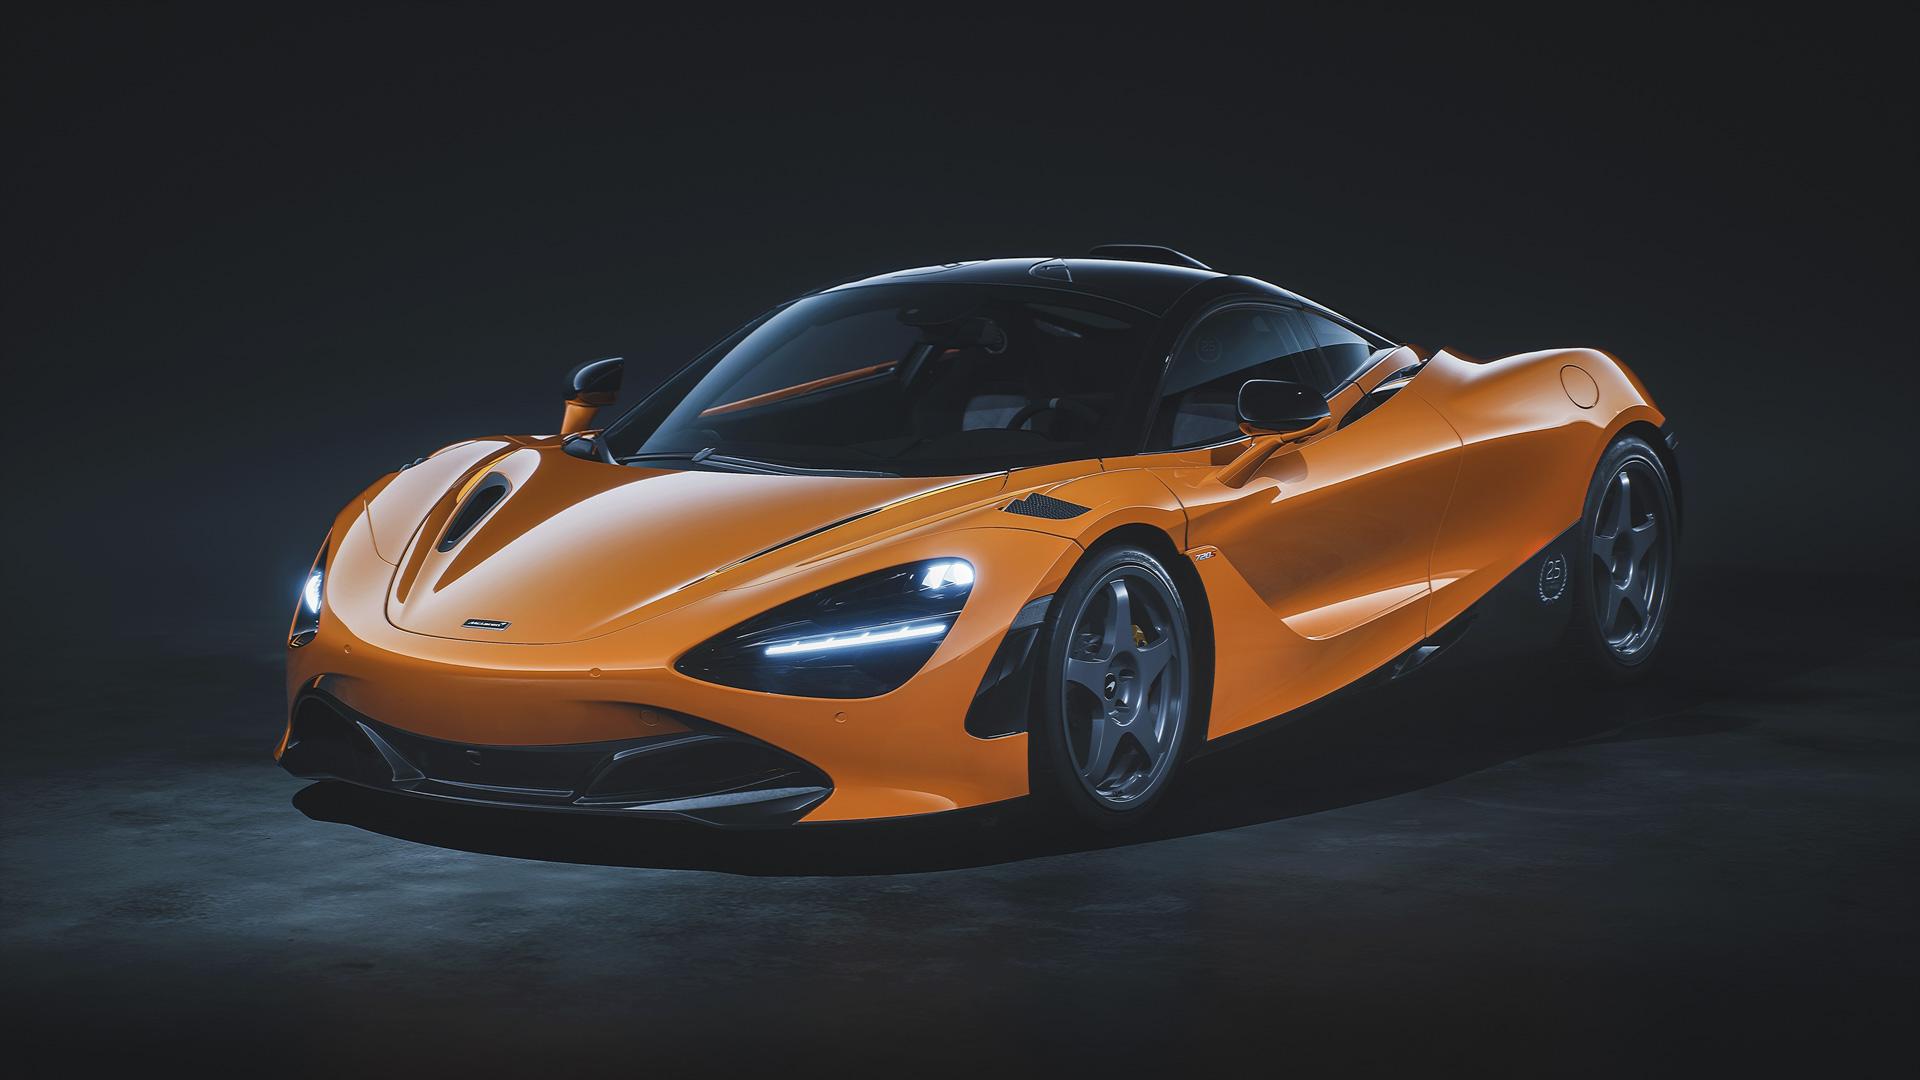 Νέα McLaren 720S Le Mans: Η πιο όμορφη από όλες [pics]